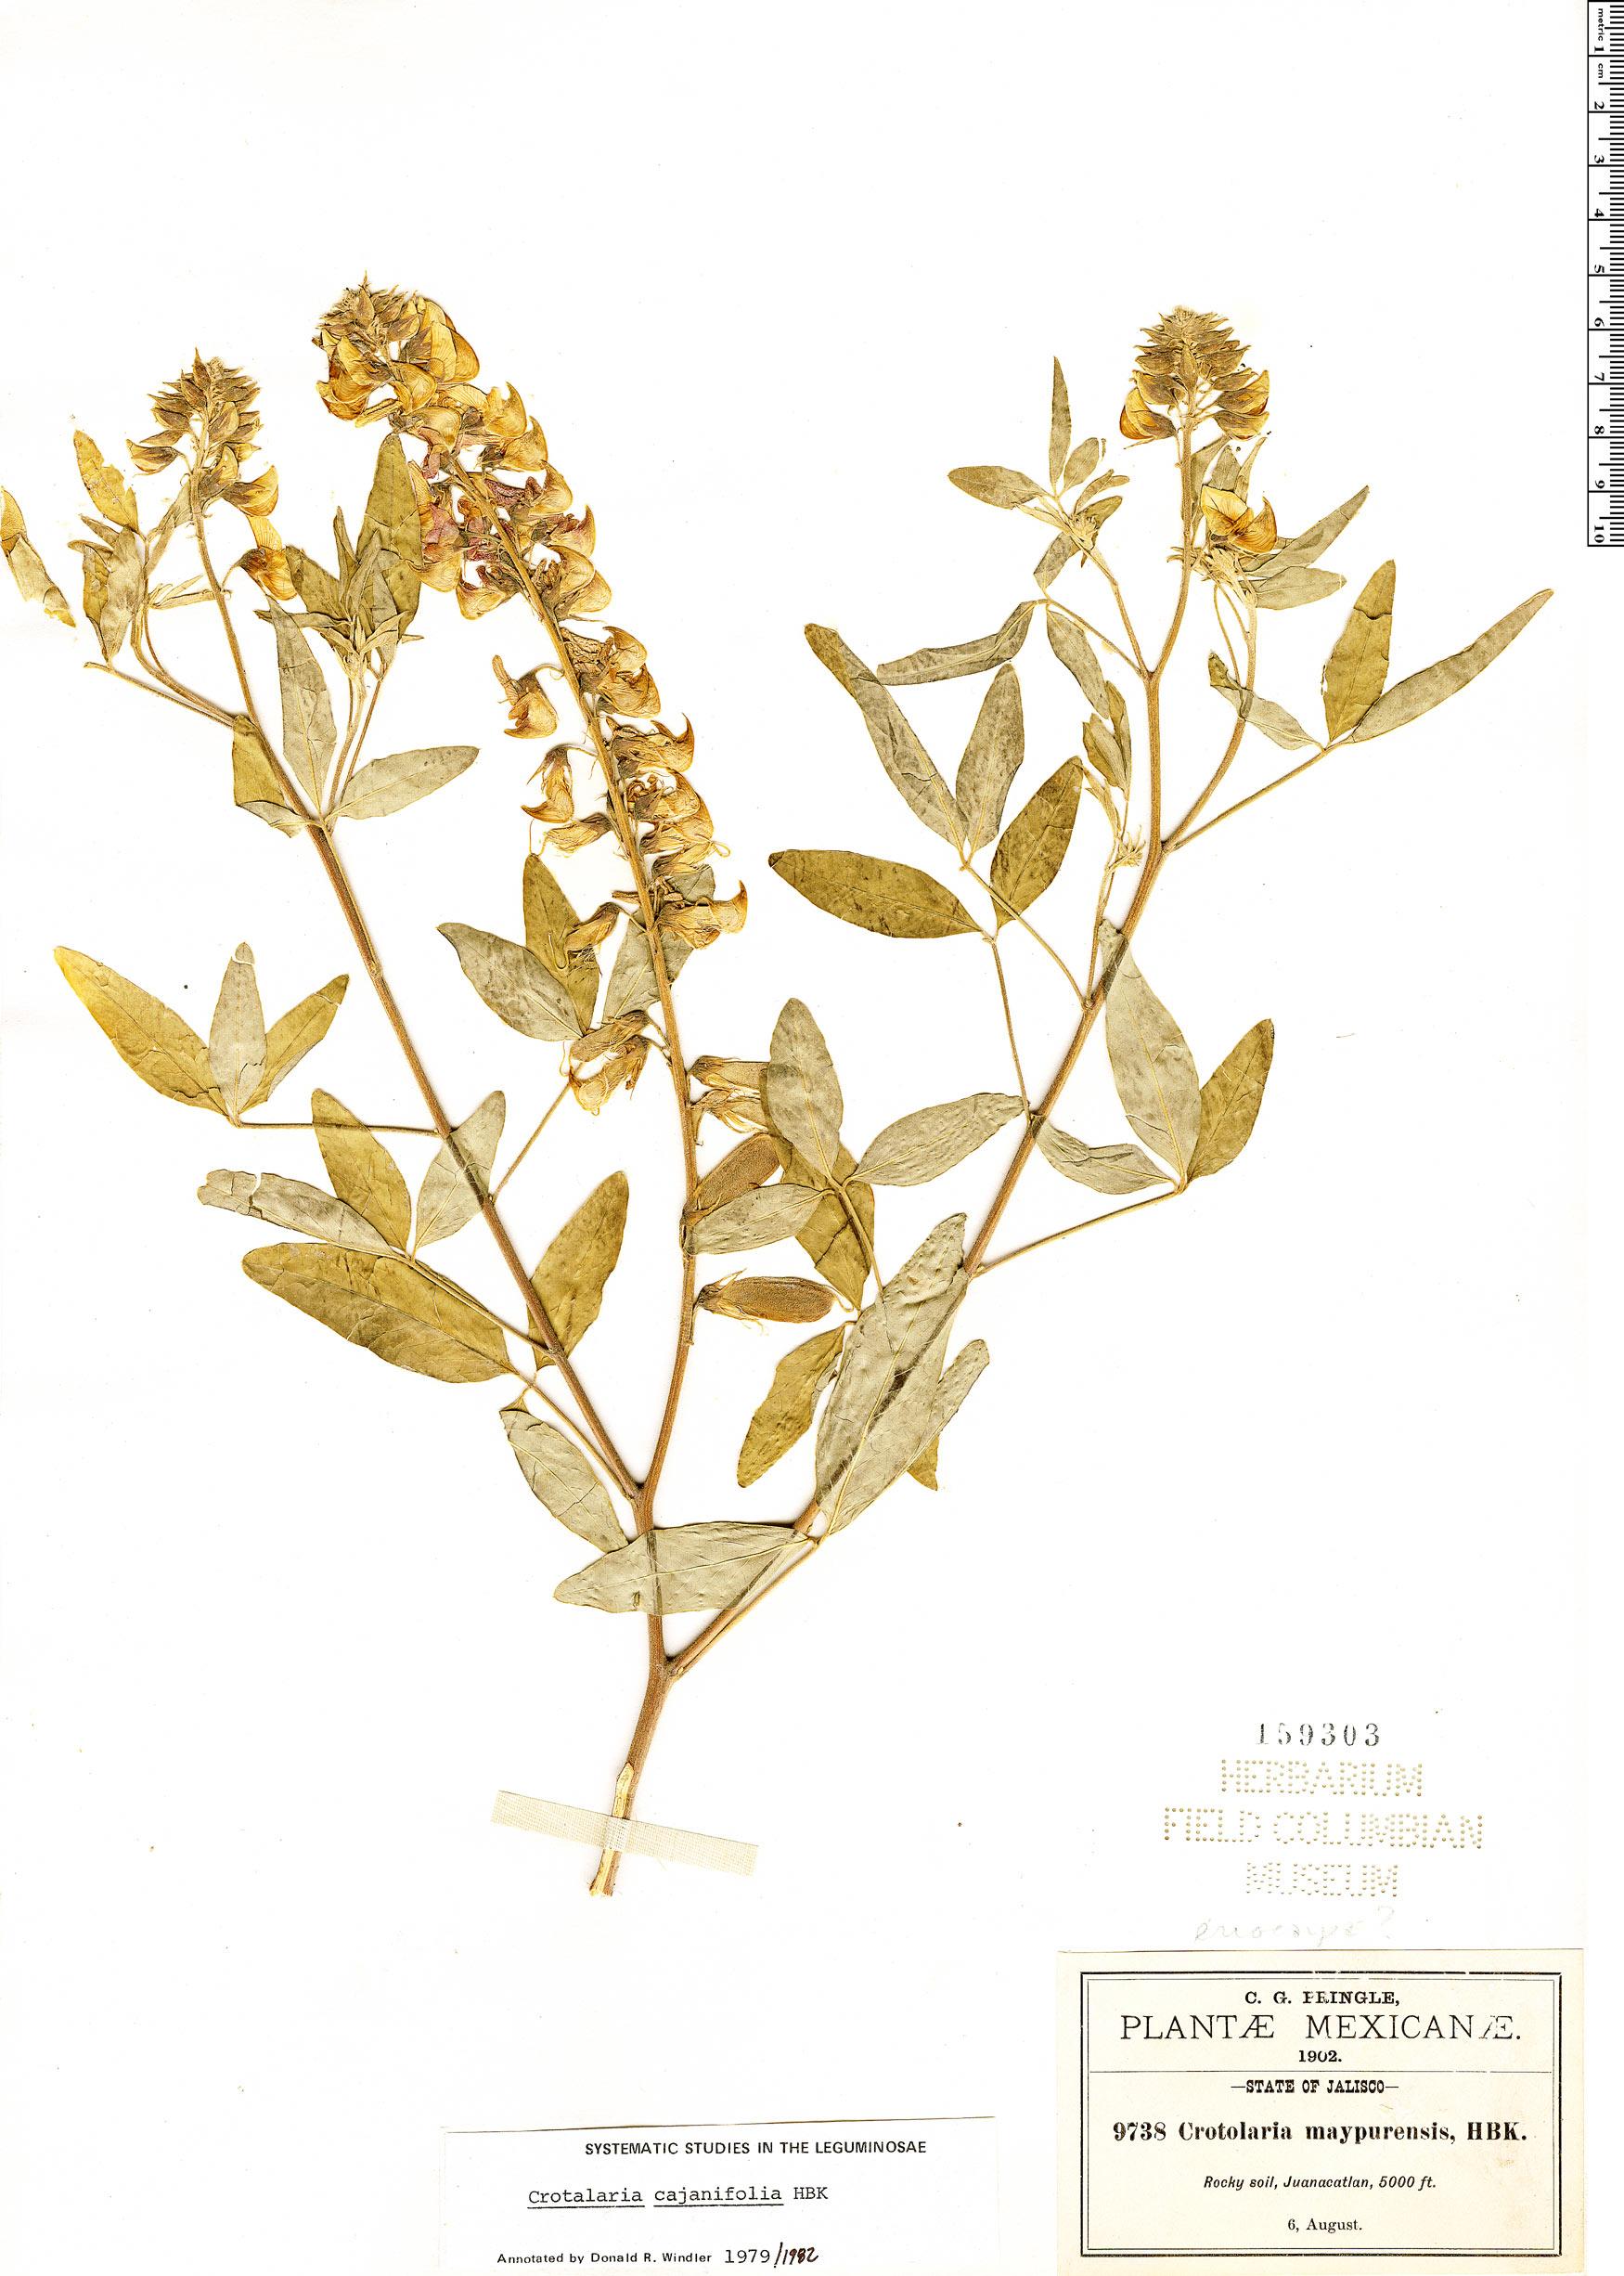 Specimen: Crotalaria cajanifolia